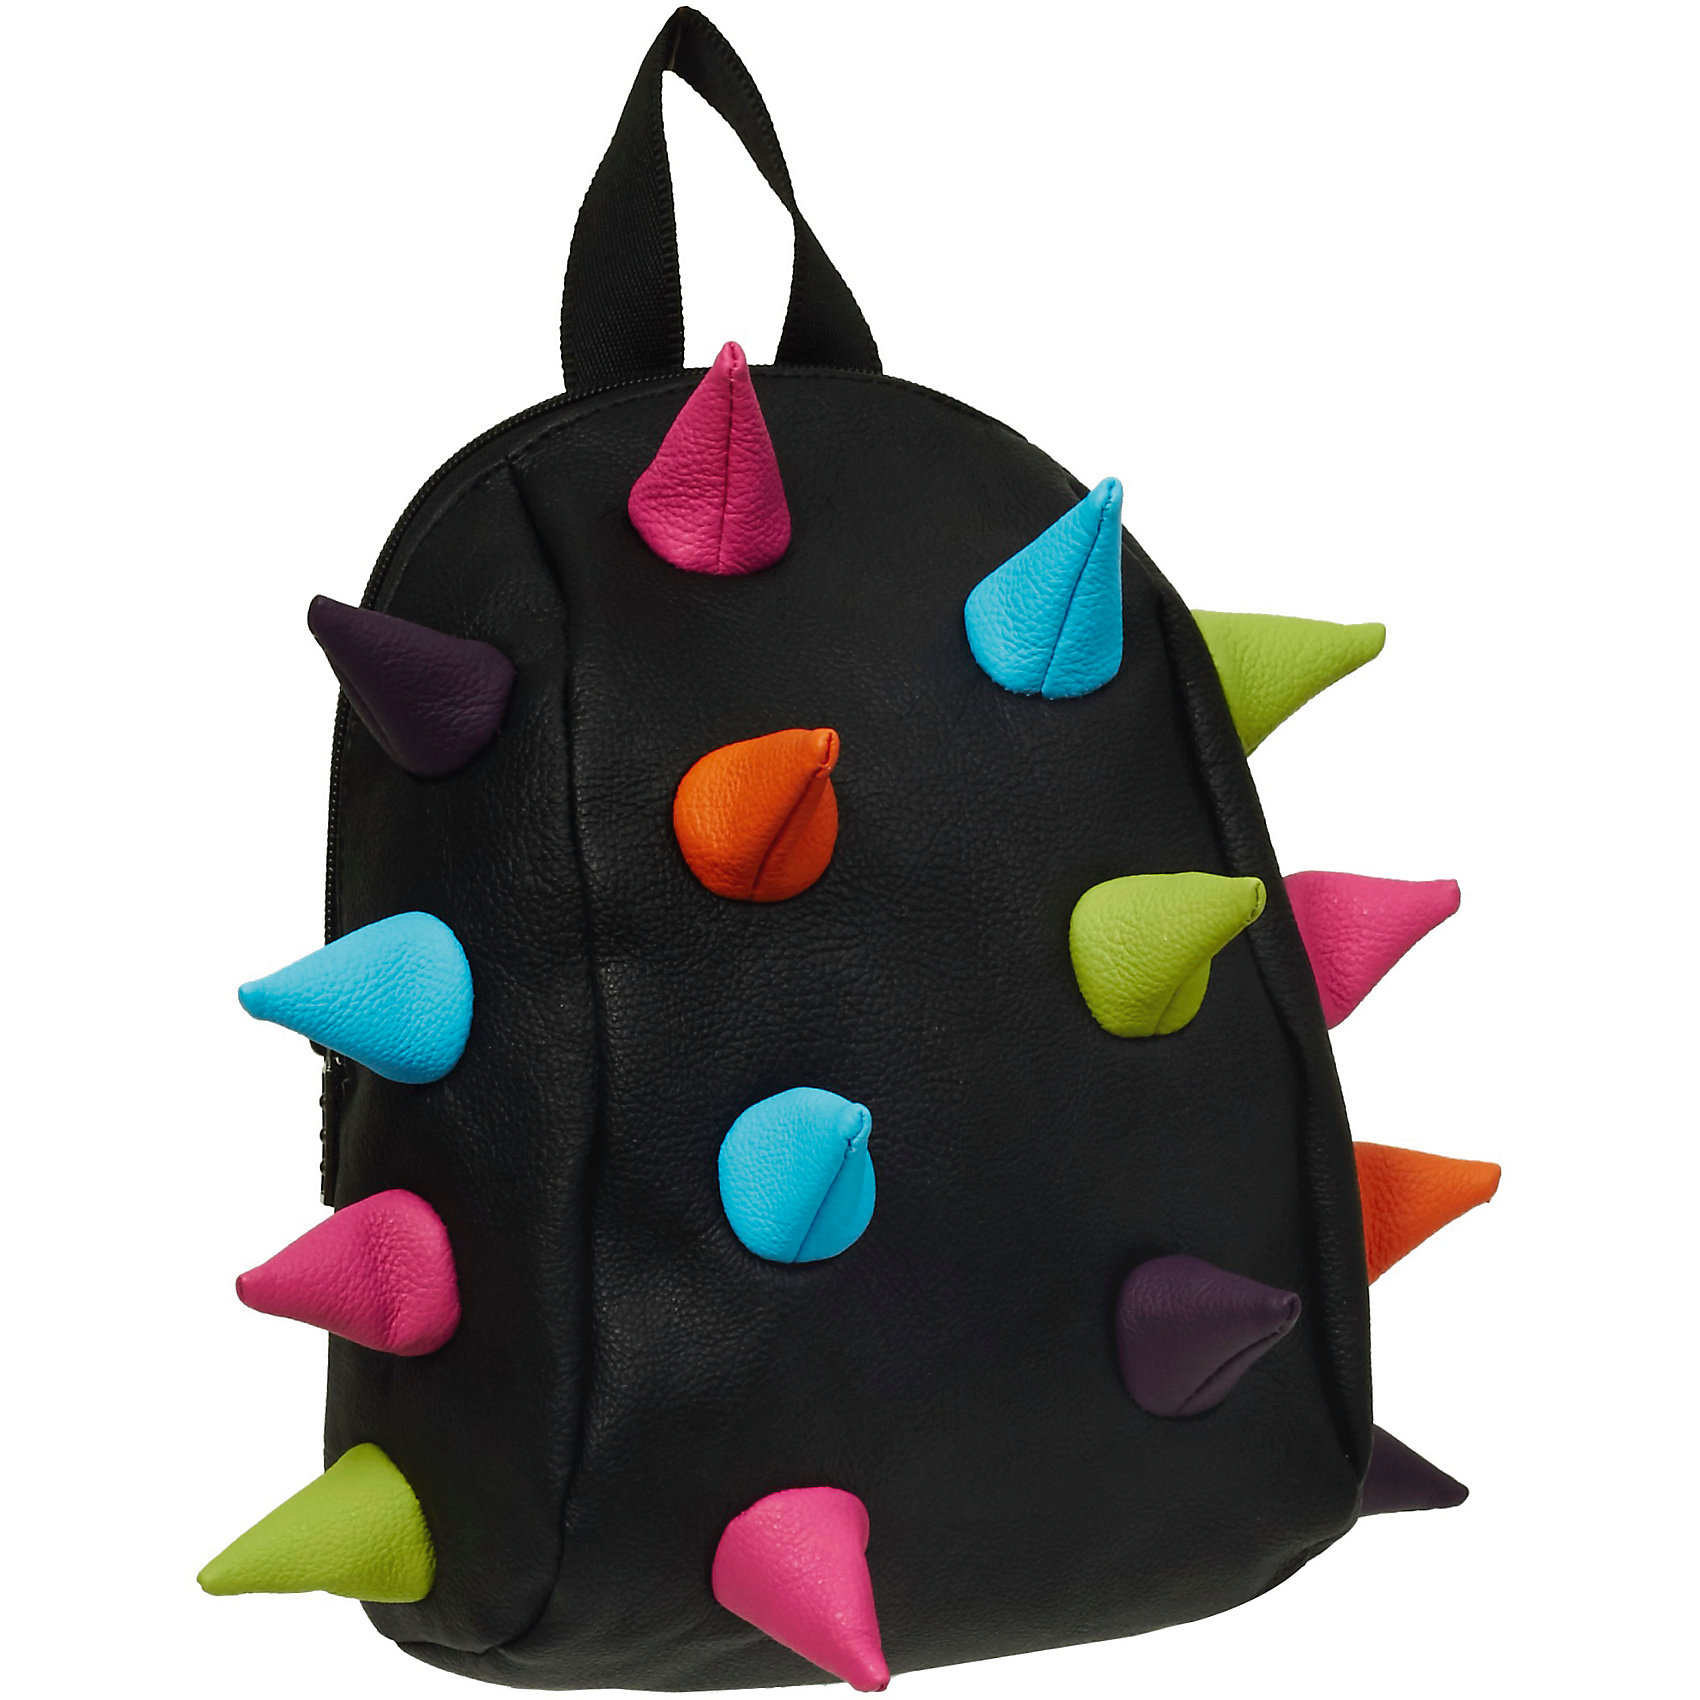 Рюкзак Rex Pint Mini 2, цвет черный мультиСтильный рюкзак-мини «Rex Mini» несомненно порадует маленьких детей.<br>Маленькие вместительные монстрики, приведут в восторг беззаботных детишек, а заодно решат проблему родителей с хранением всякой мелочи, как например, запасной футболки с любимым героем мультфильма, карандашами и другими мелкими, но не менее необходимыми личными вещами малышей.<br>Рюкзак имеет один просторный отсек с застежкой на молнию, длину лямок можно легко регулировать.<br><br>Ширина мм: 31<br>Глубина мм: 23<br>Высота мм: 15<br>Вес г: 272<br>Возраст от месяцев: 36<br>Возраст до месяцев: 420<br>Пол: Унисекс<br>Возраст: Детский<br>SKU: 5344330